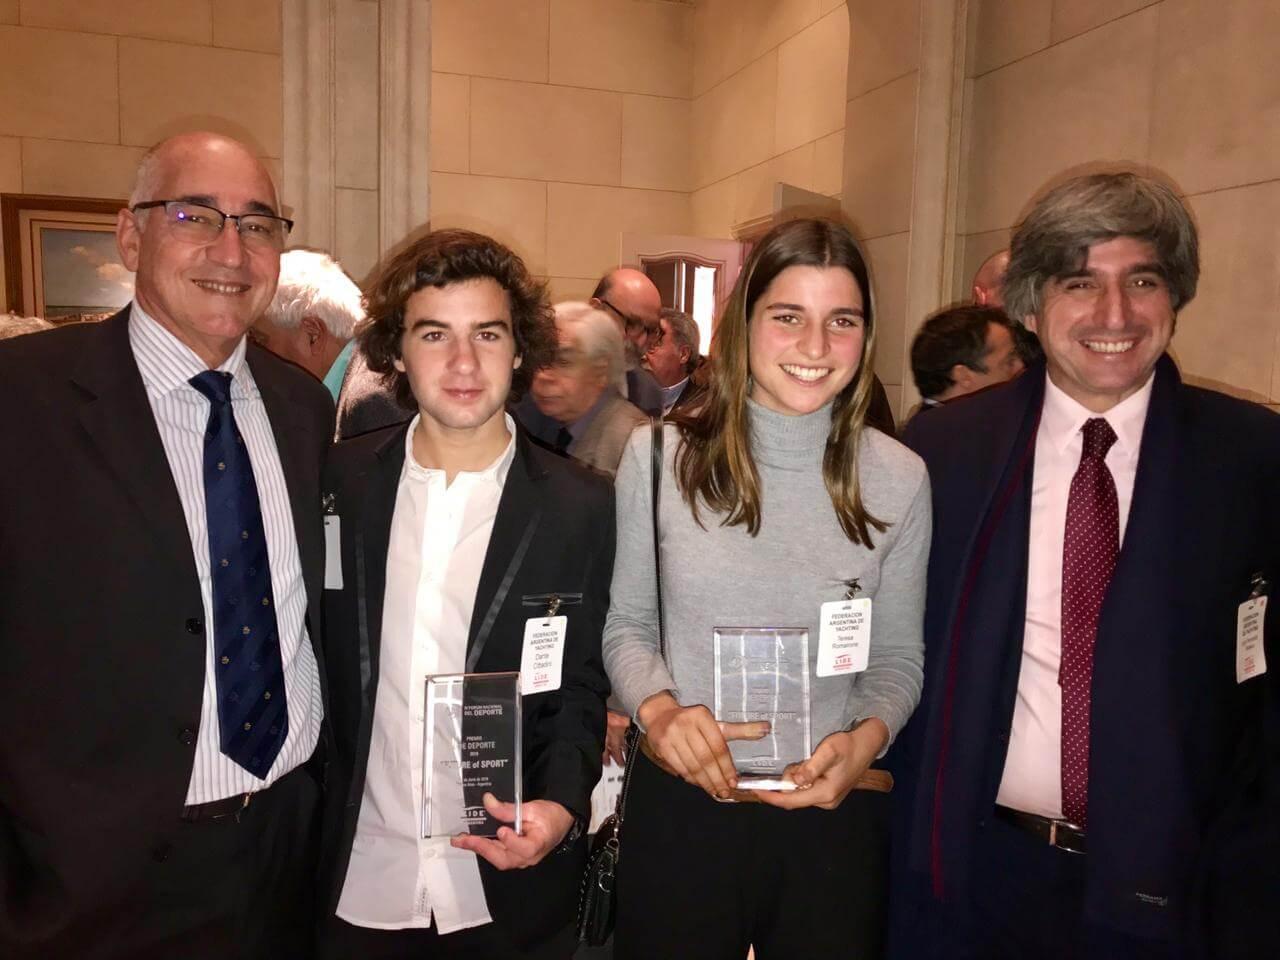 Dante Cittadini y Teresa Romairone fueron premiados por LIDE